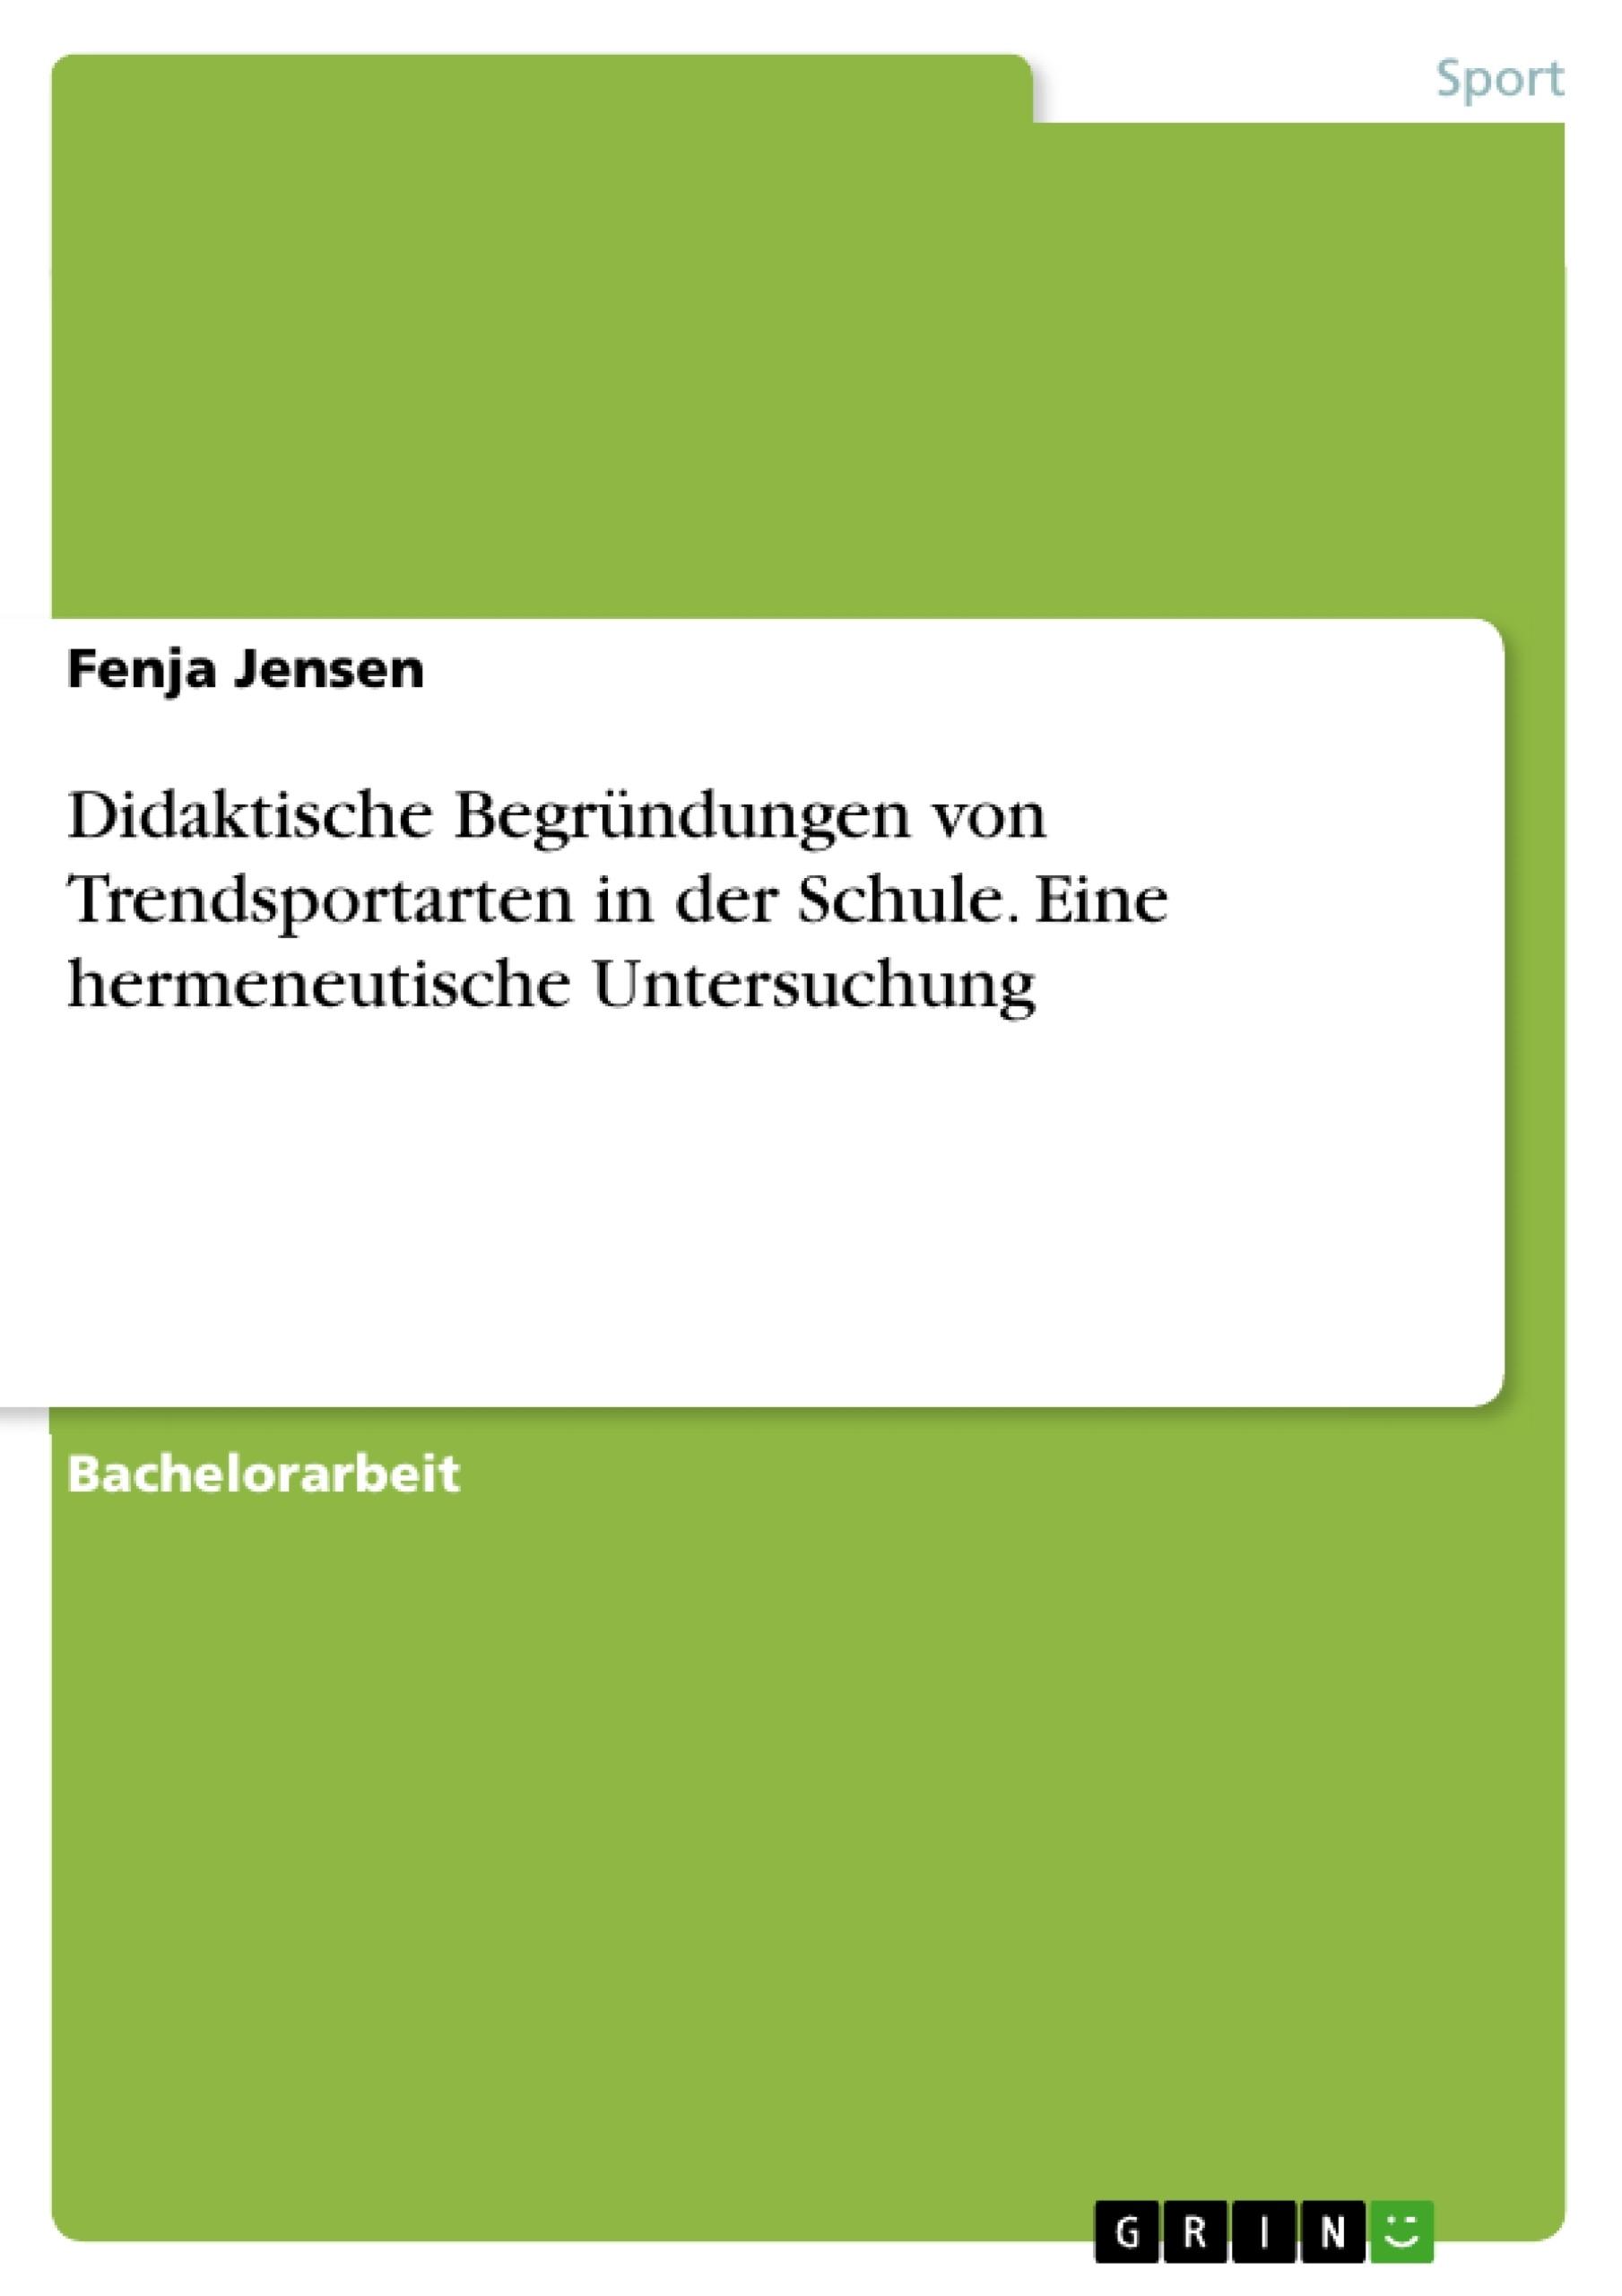 Titel: Didaktische Begründungen von Trendsportarten in der Schule. Eine hermeneutische Untersuchung